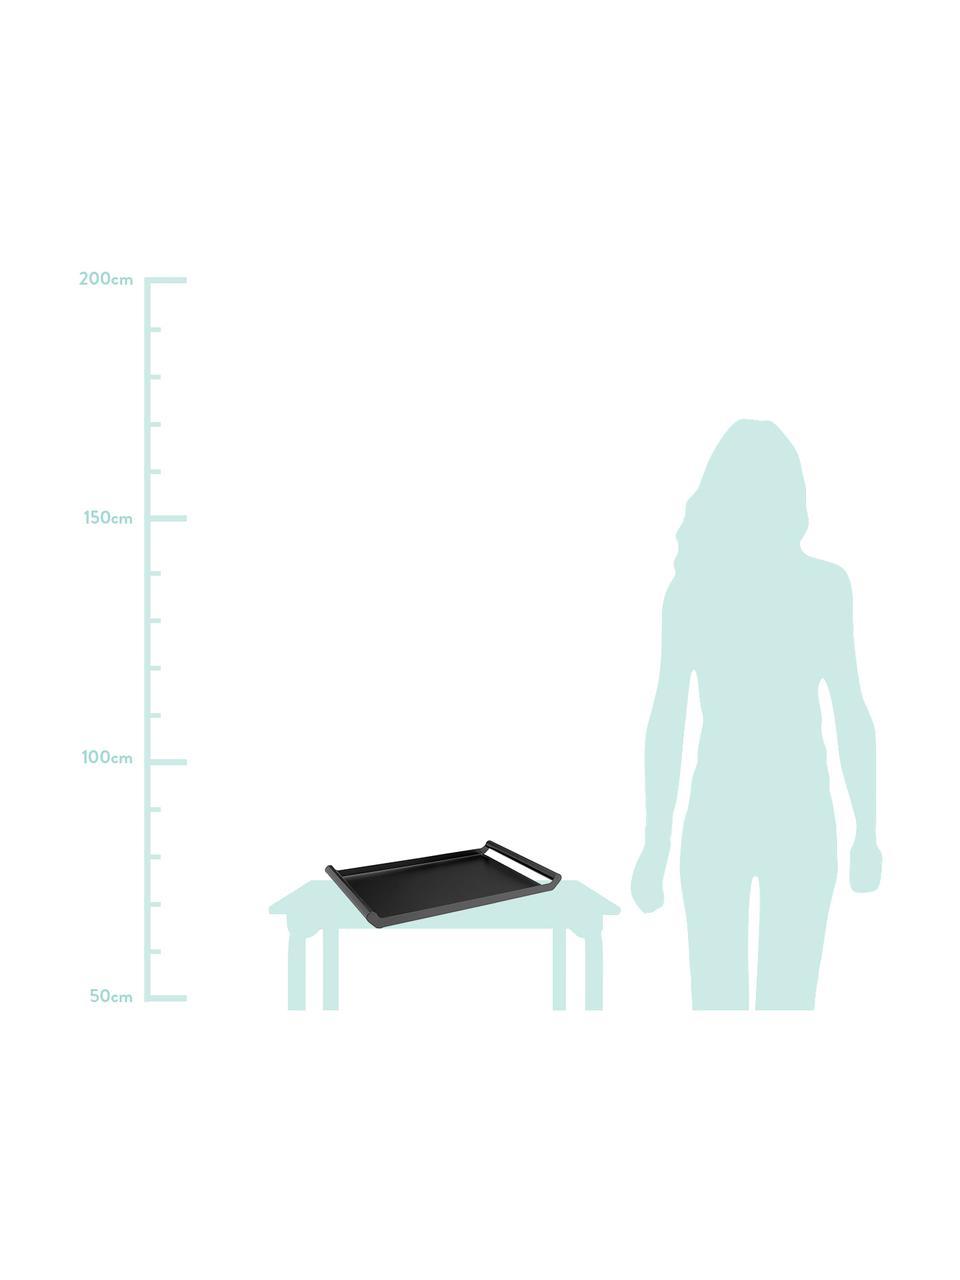 Massives Serviertablett Charlie in Schwarz, L 50 x B 30 cm, Metall, beschichtet, Schwarz, 30 x 50 cm